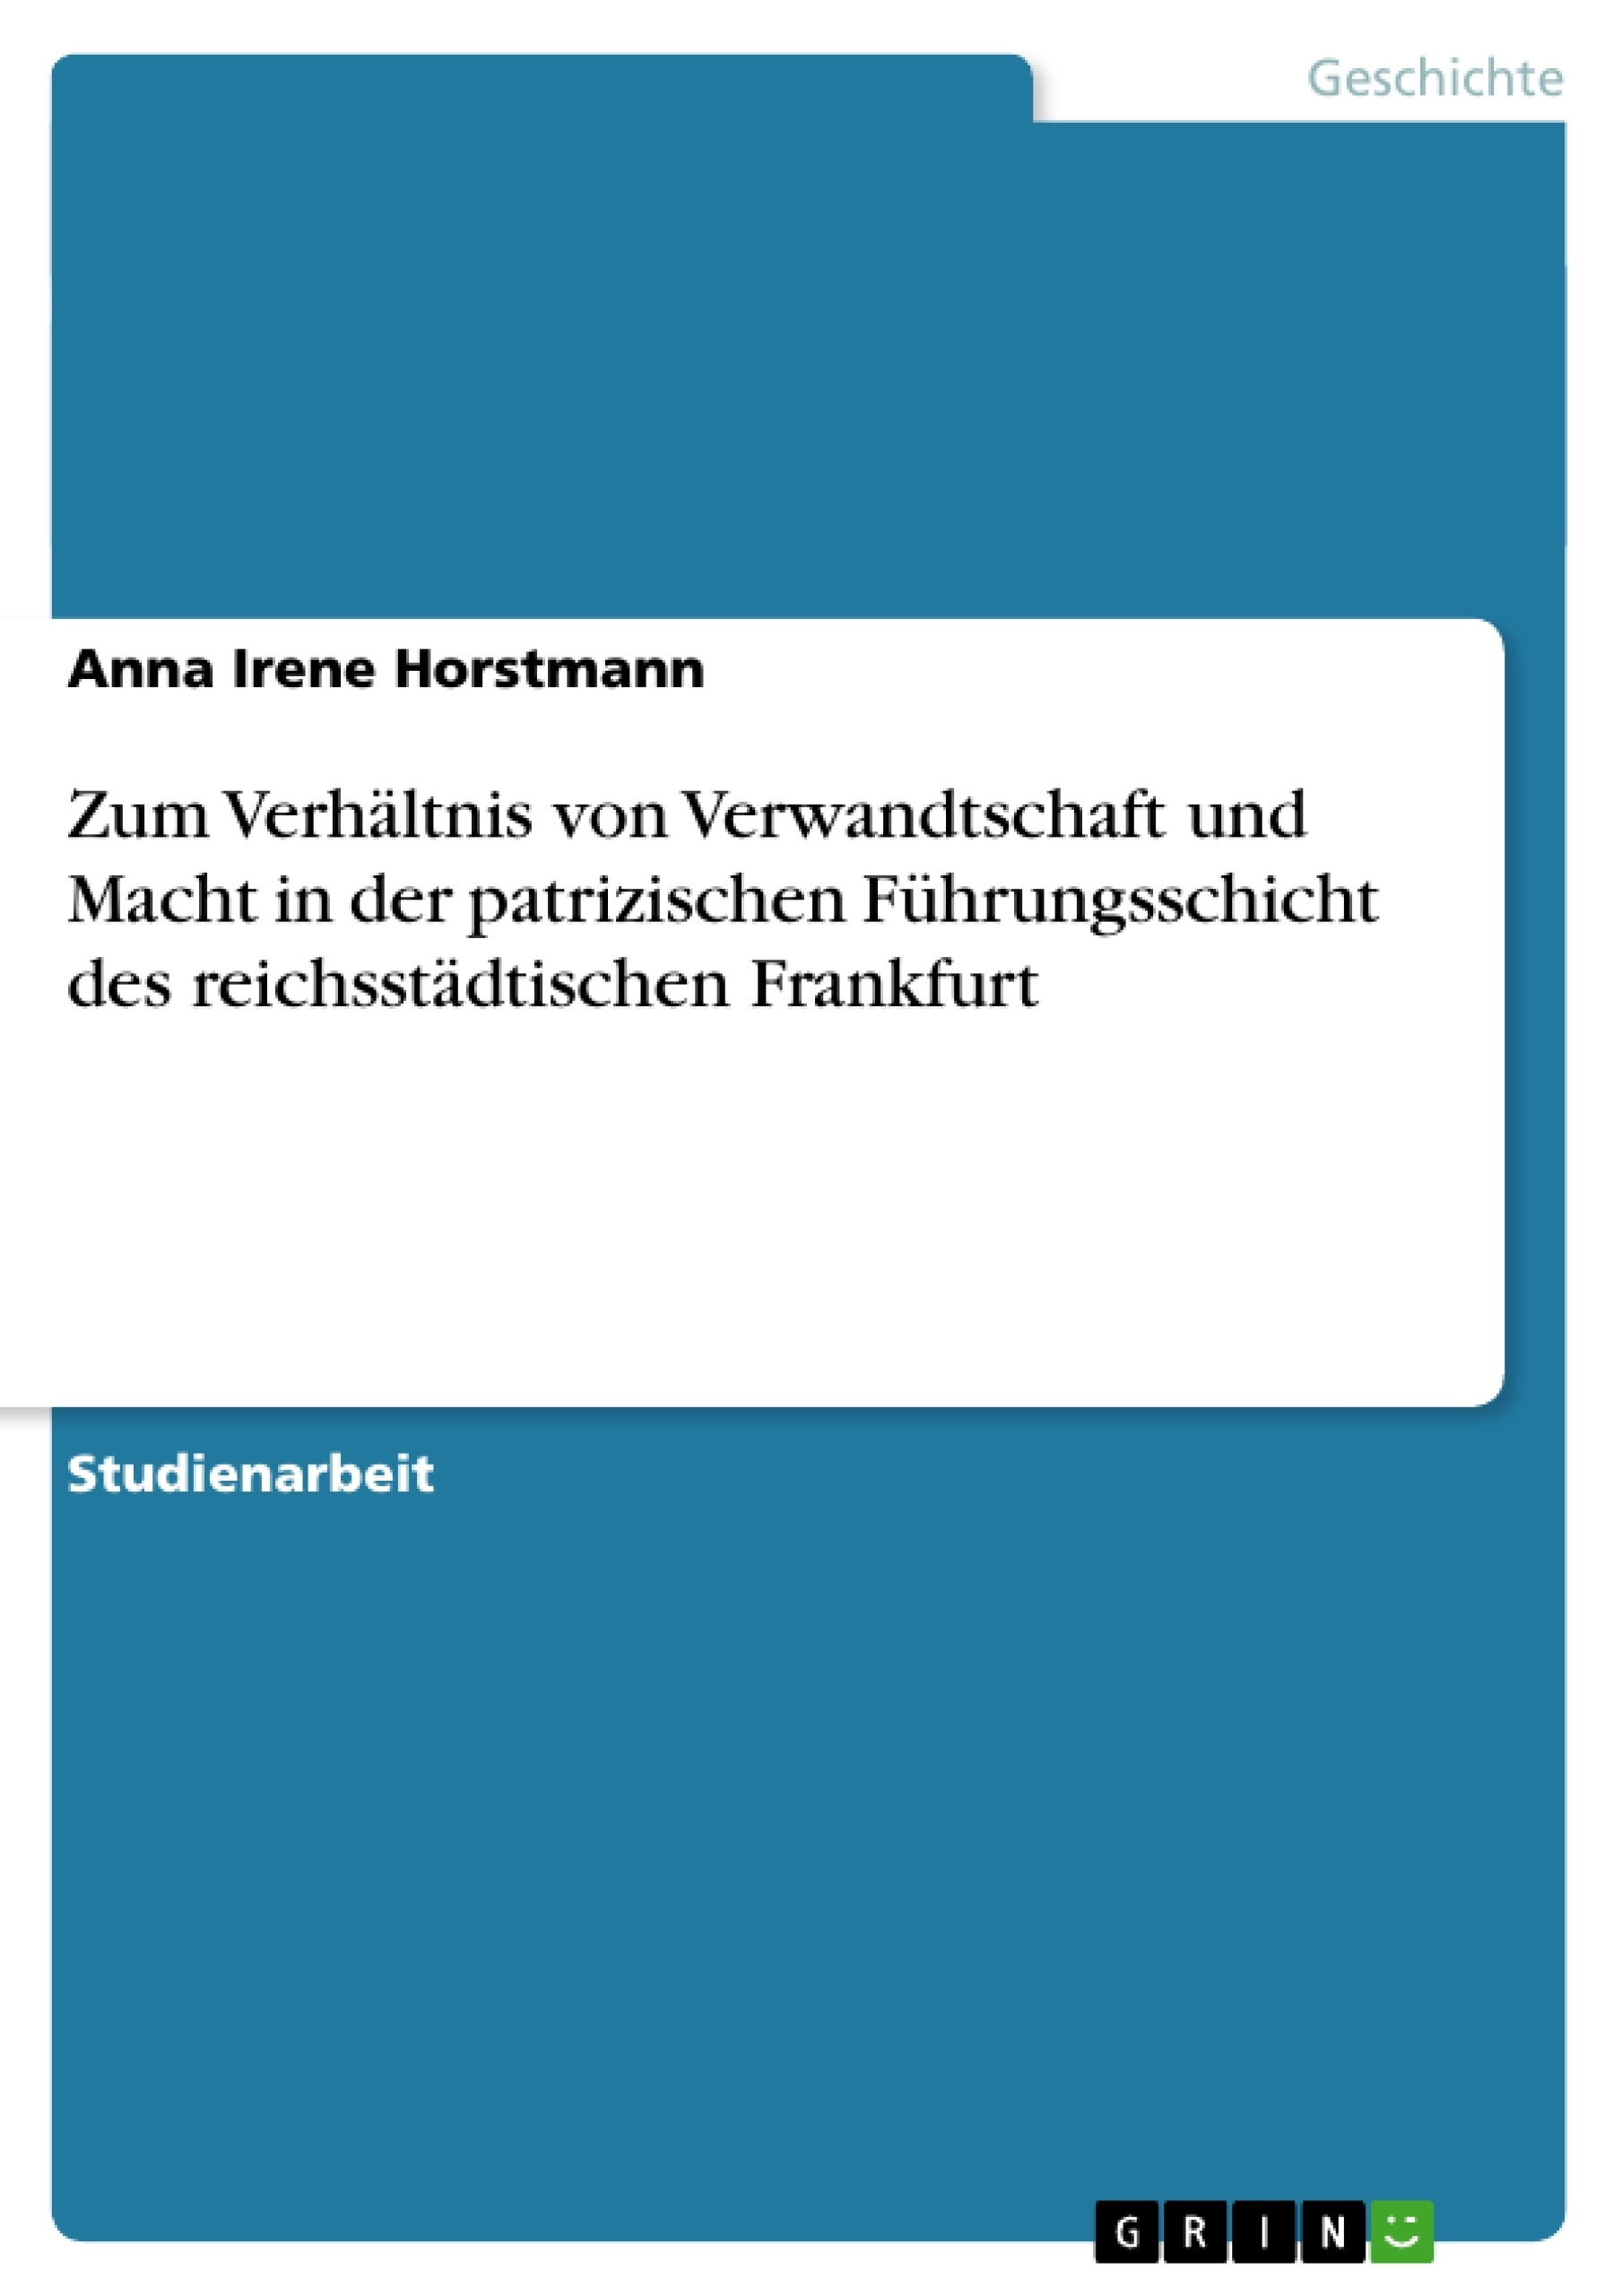 Titel: Zum Verhältnis von Verwandtschaft und Macht in der patrizischen Führungsschicht des reichsstädtischen Frankfurt